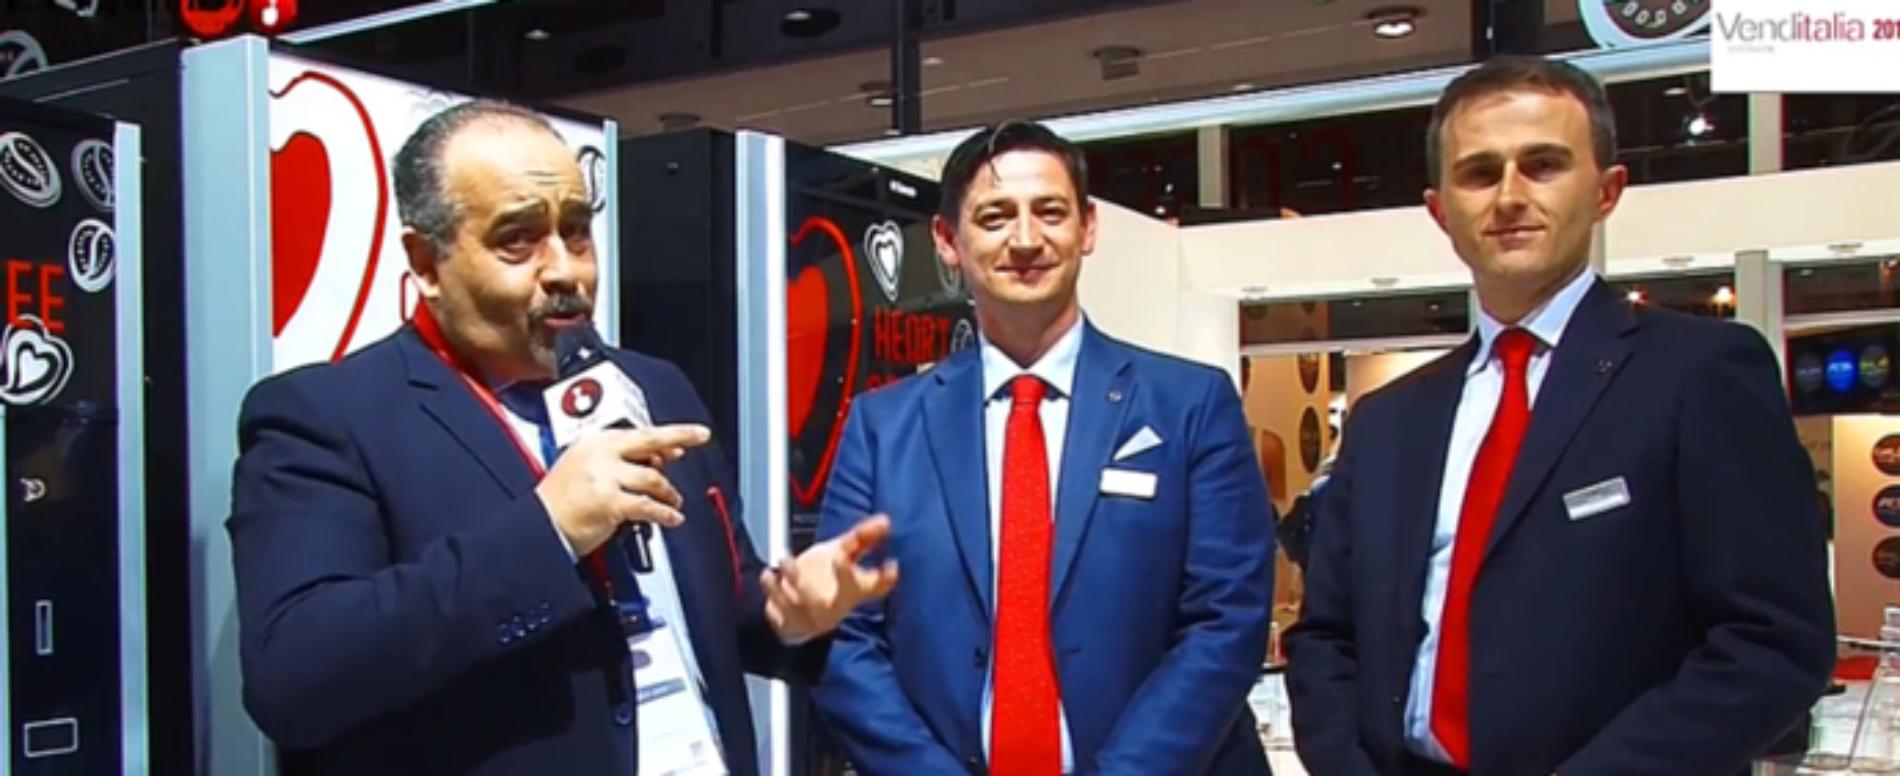 Venditalia 2016. Intervista allo stand Saeco